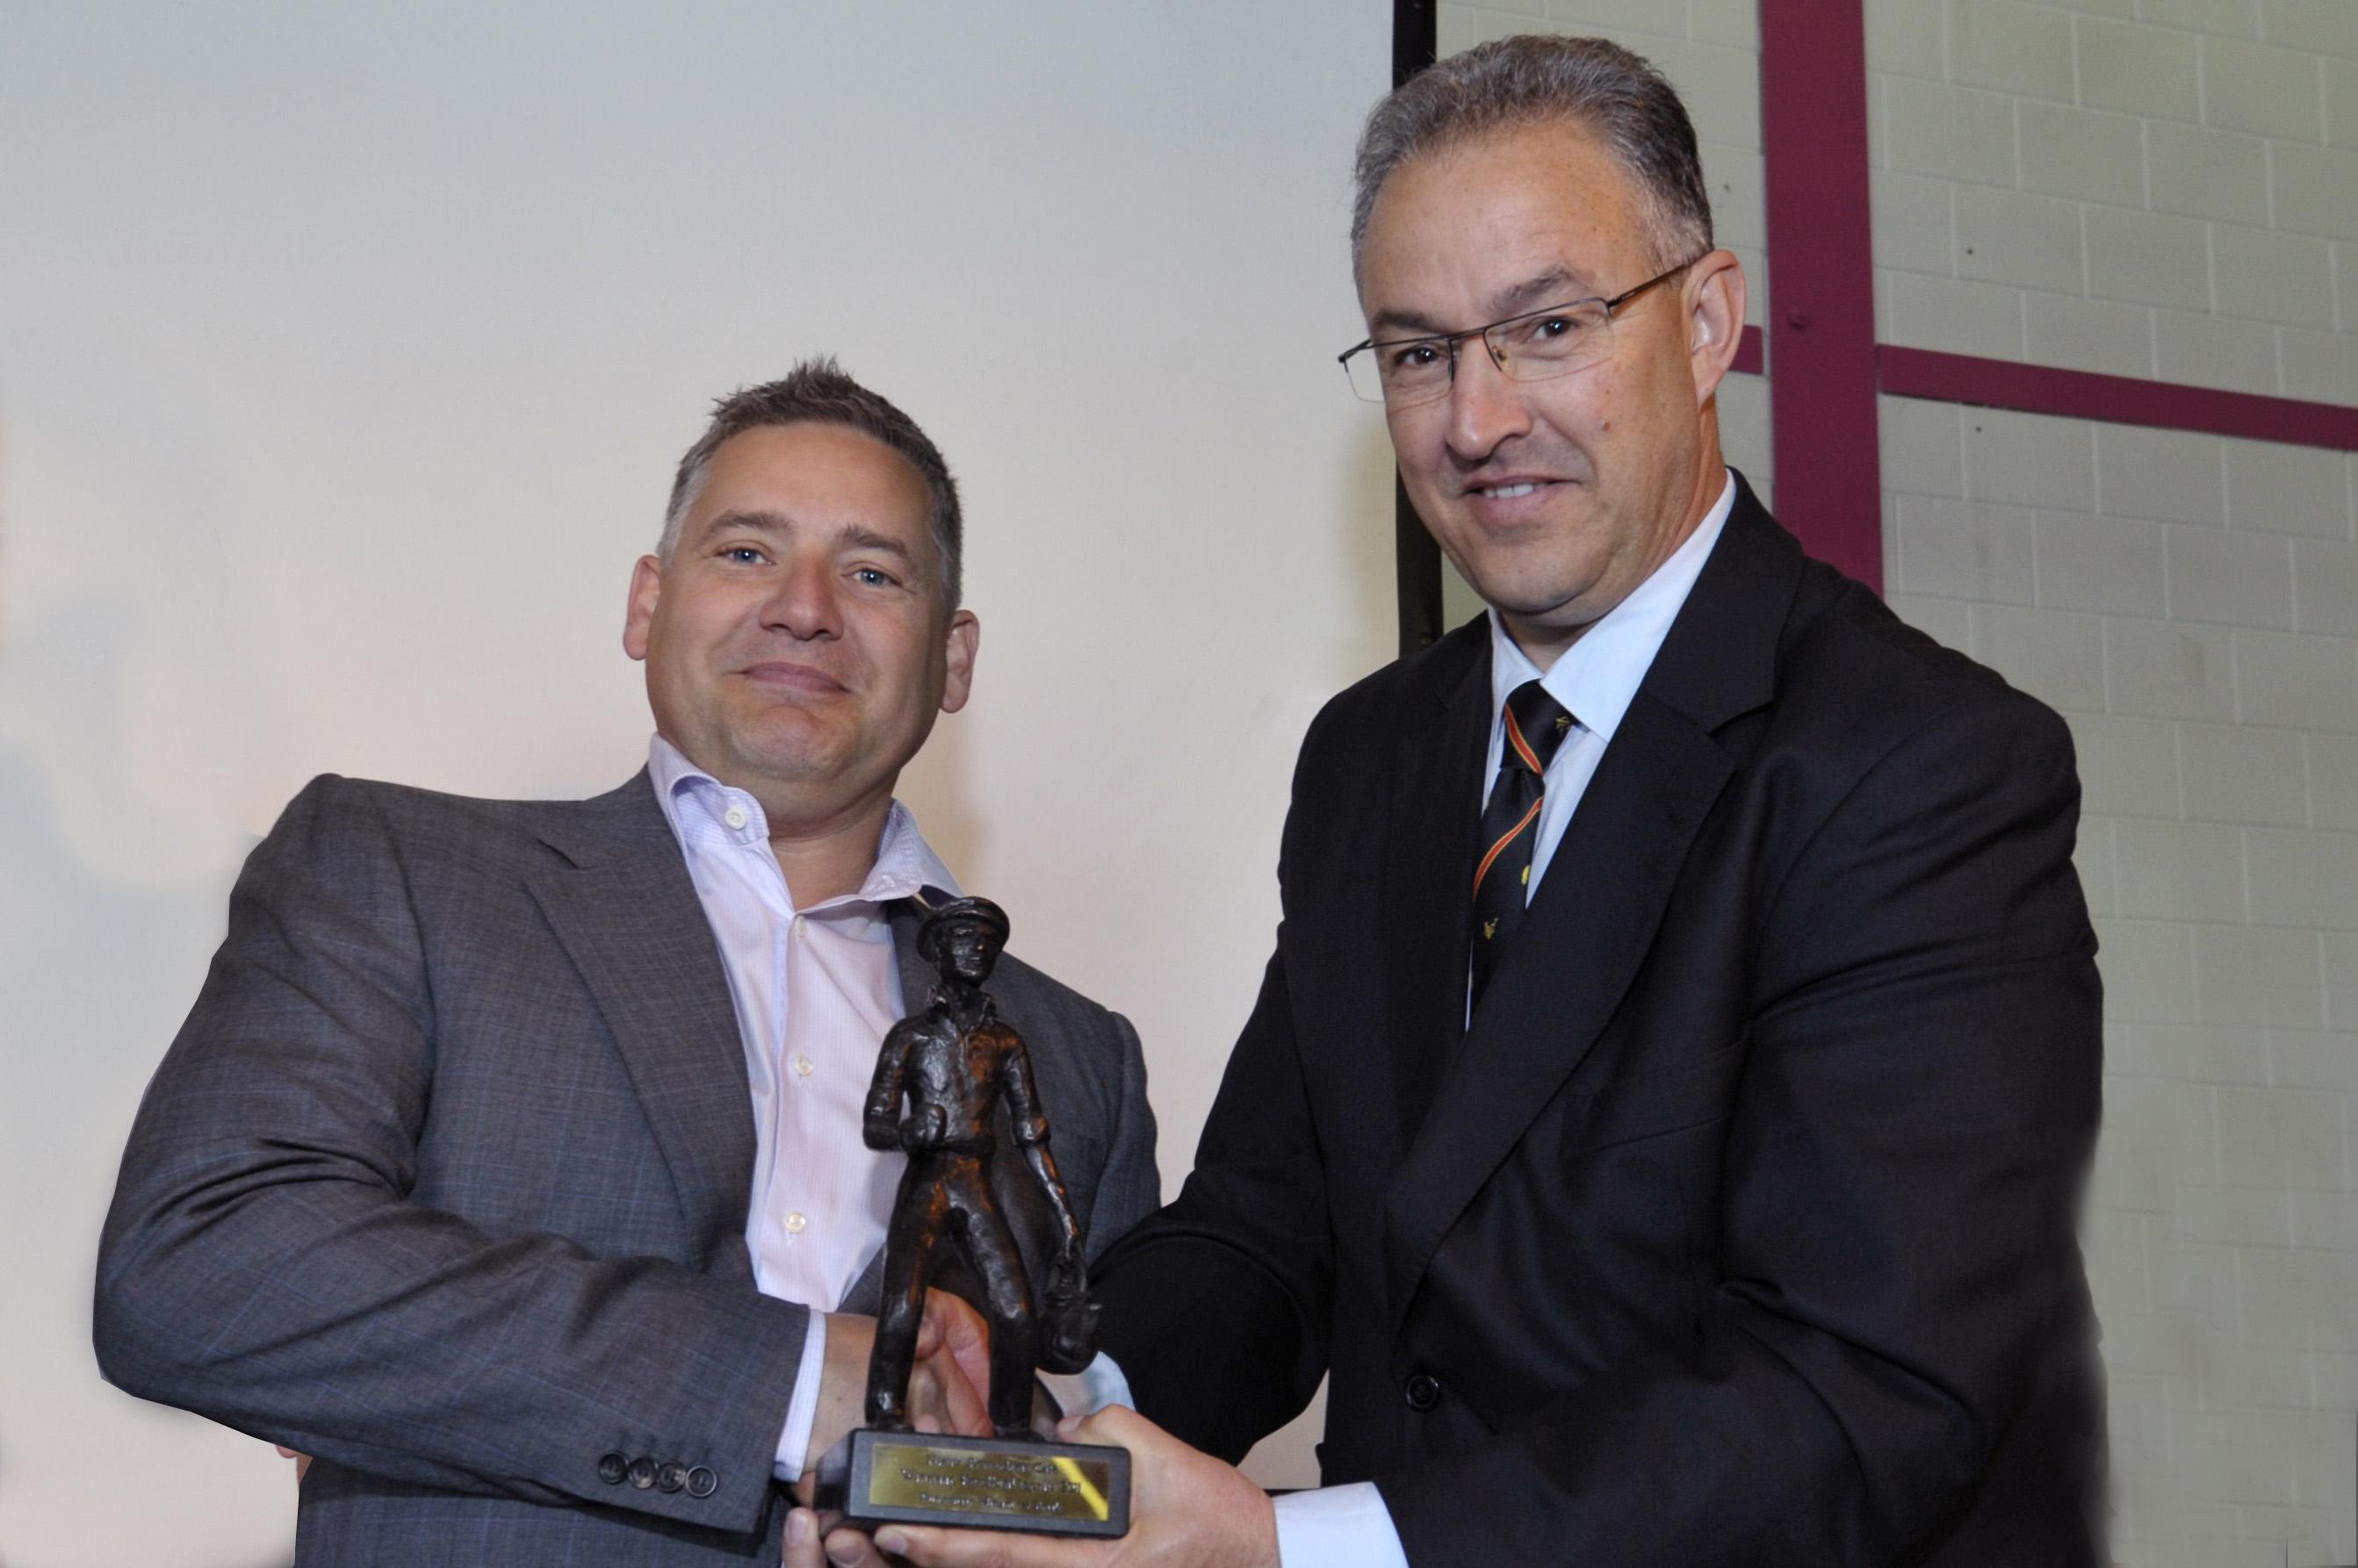 Burgemeester Aboutaleb reikt de Ketelbinkieprijs uit aan NRC eigenaar Ron Sterk